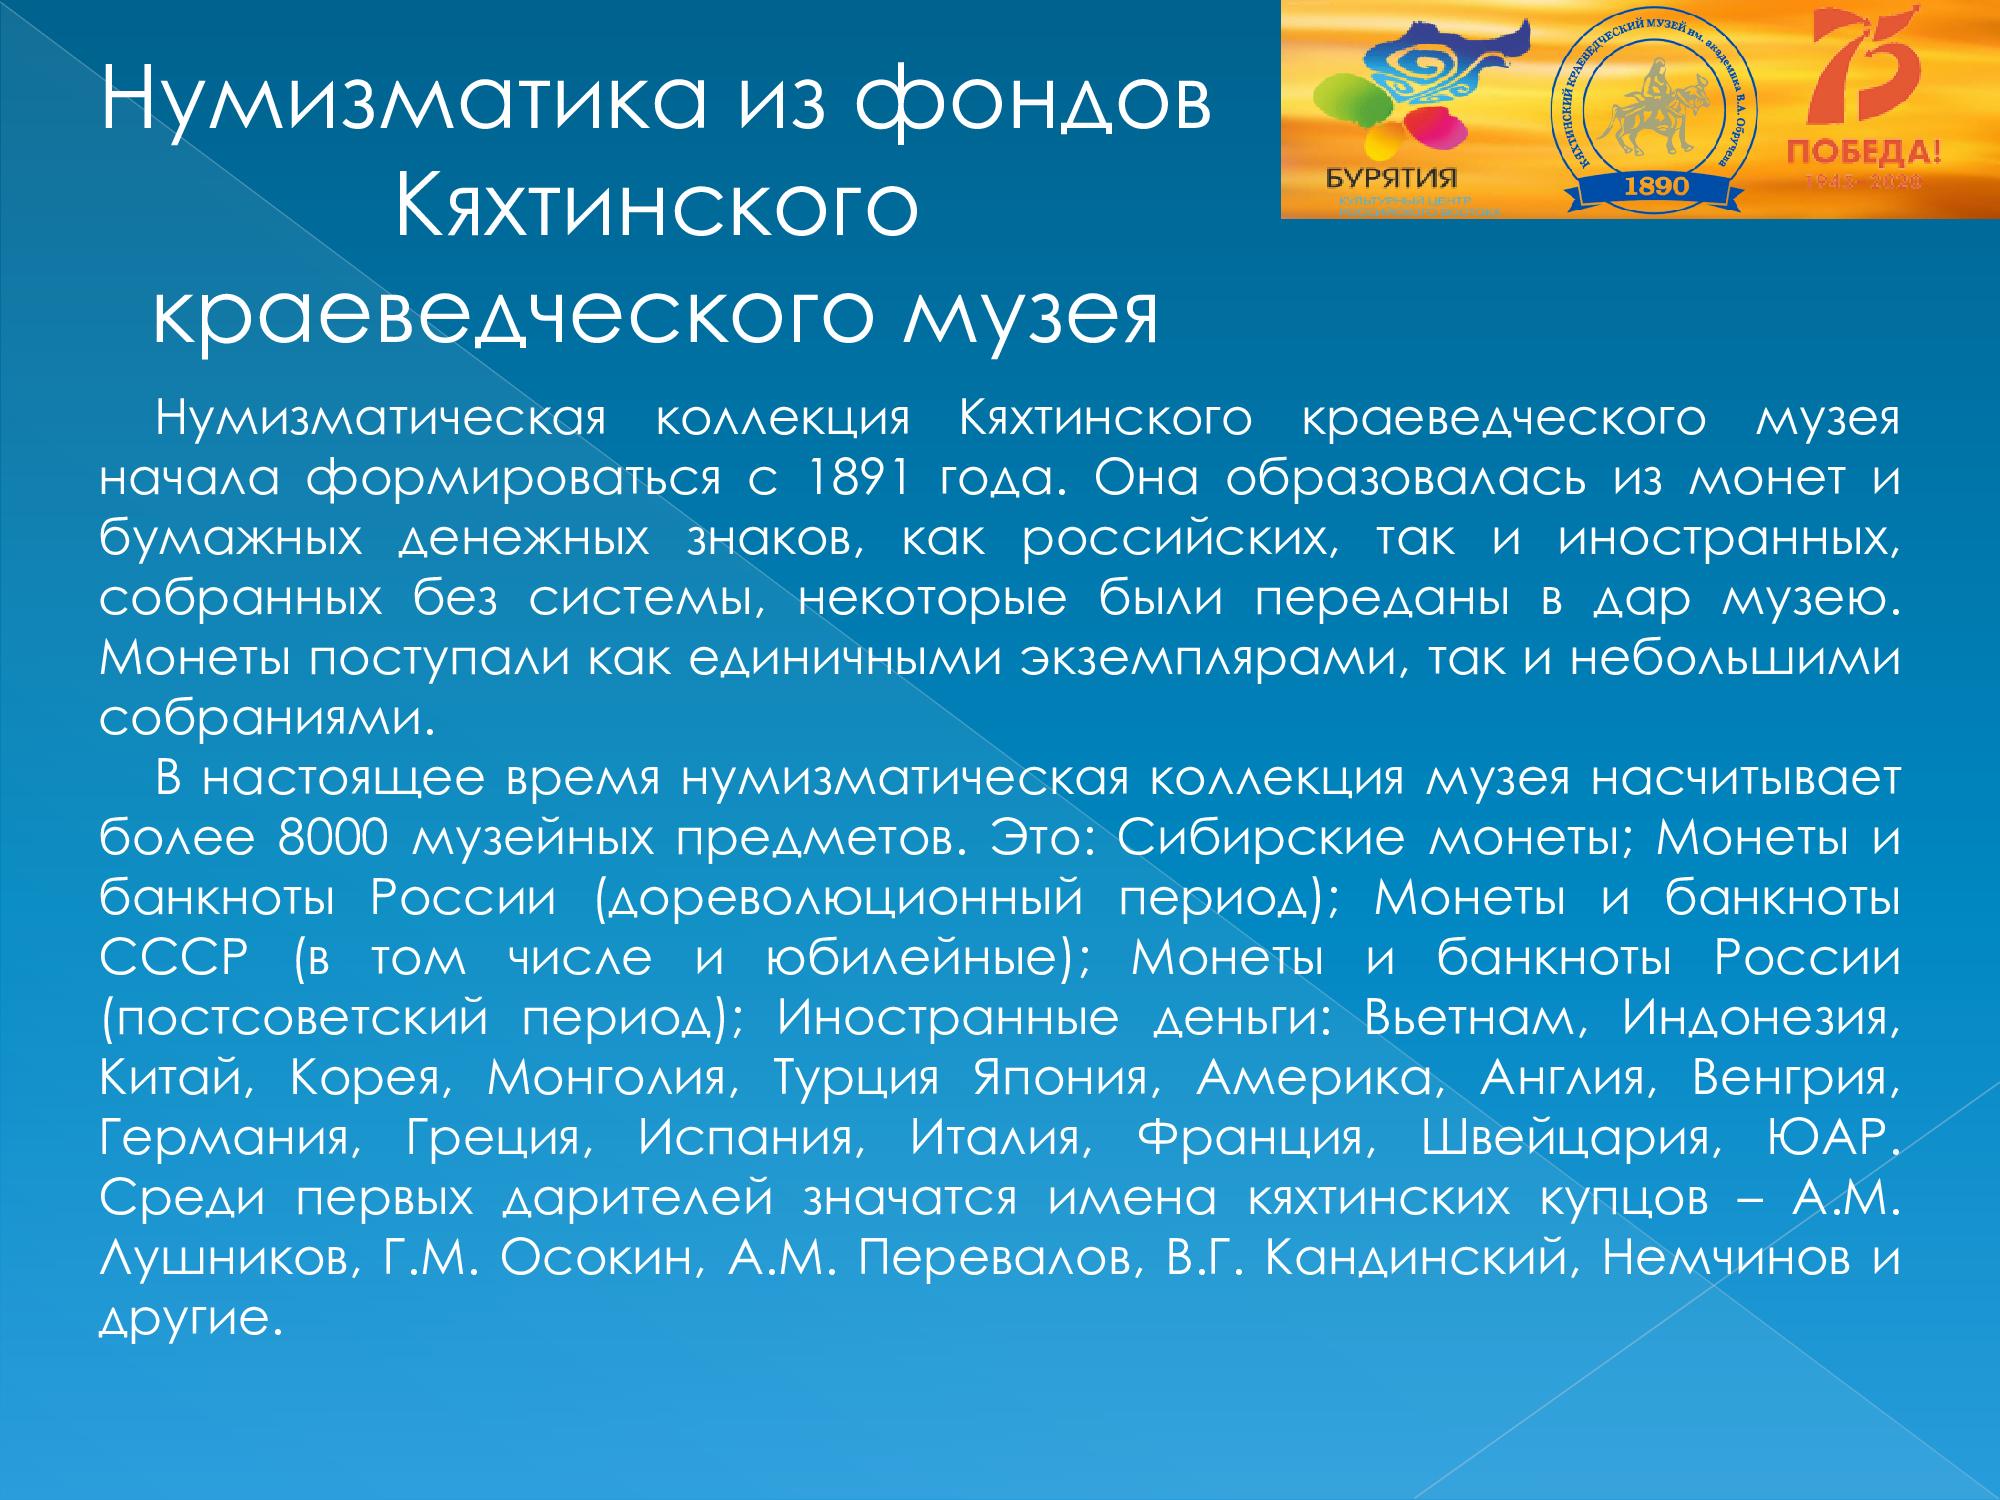 http://«Нумизматика»%20из%20фондов%20Кяхтинского%20краеведческого%20музея